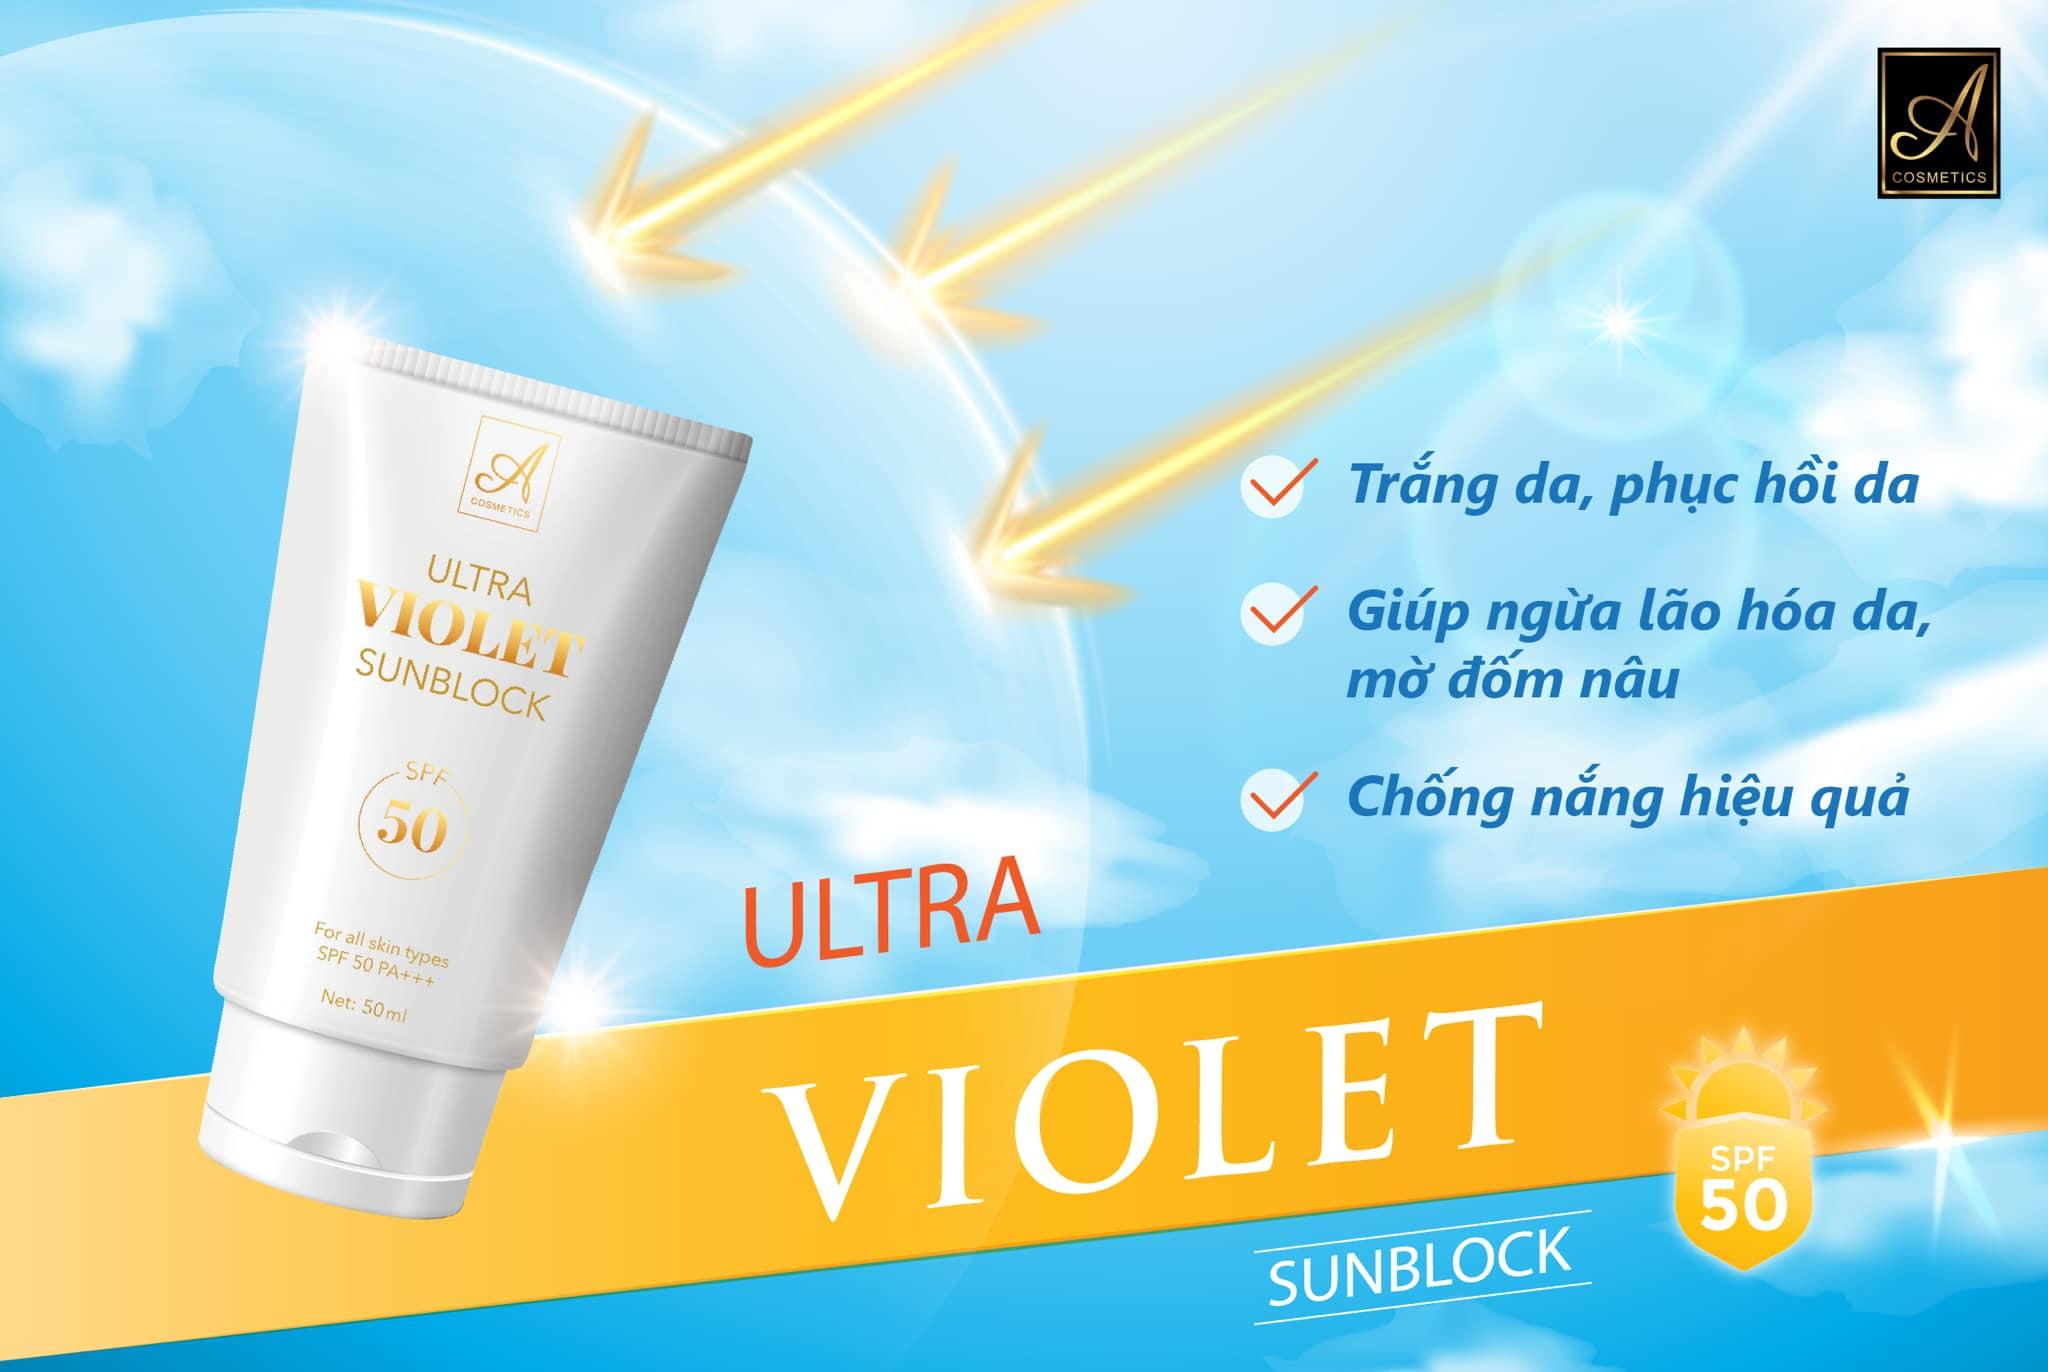 [Chính Hãng] kem chống nắng A cosmetic ultra violet sunblock mỹ phẩm Phương Anh